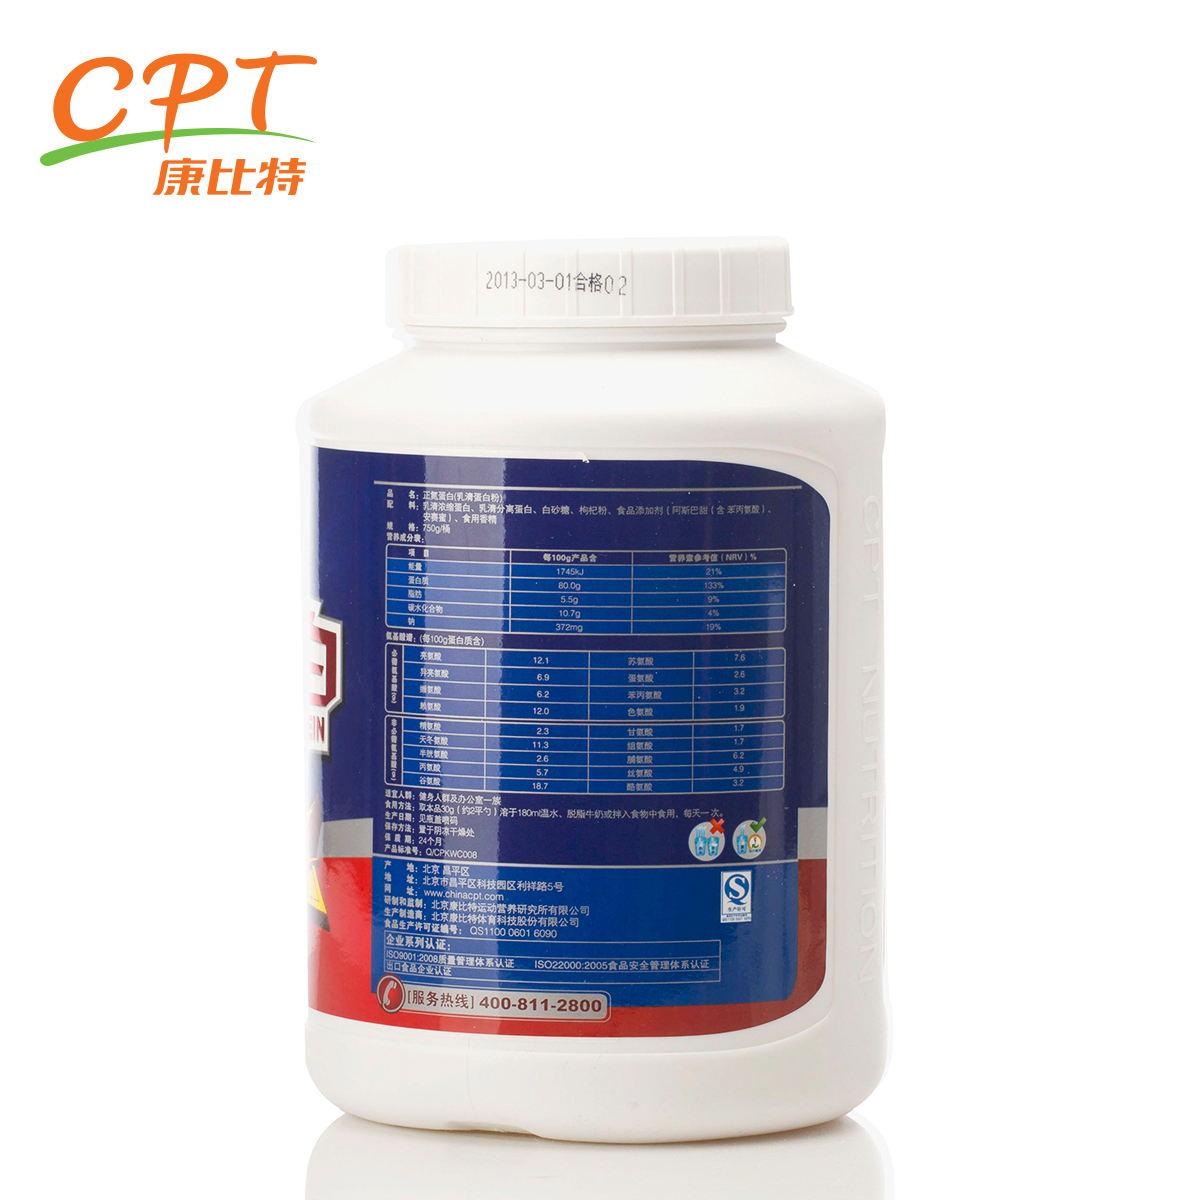 CPT  750g